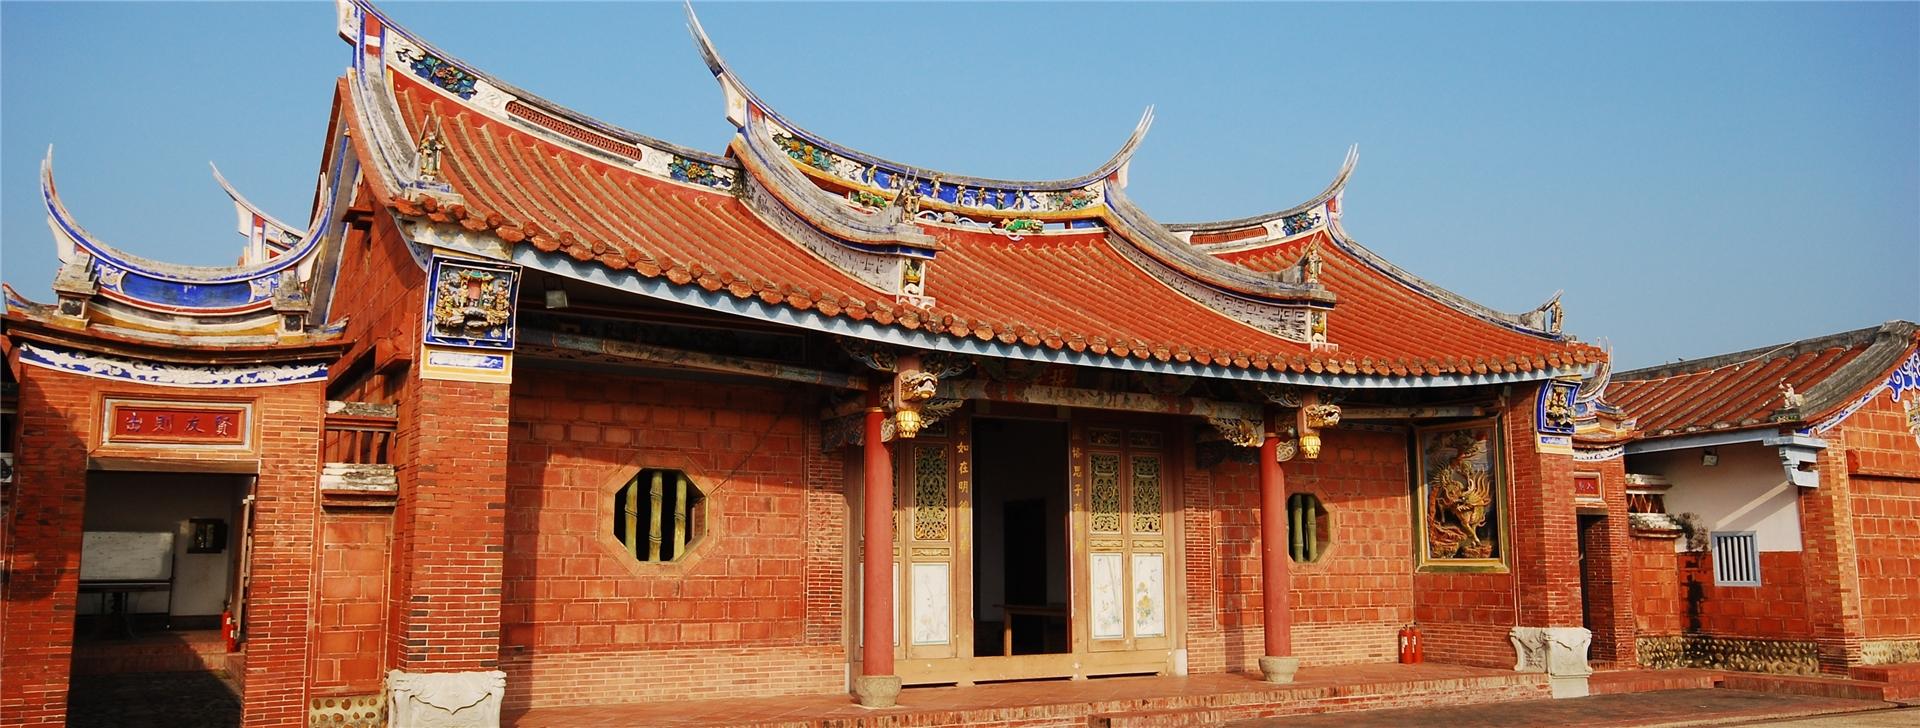 Zhangjiazu Temple